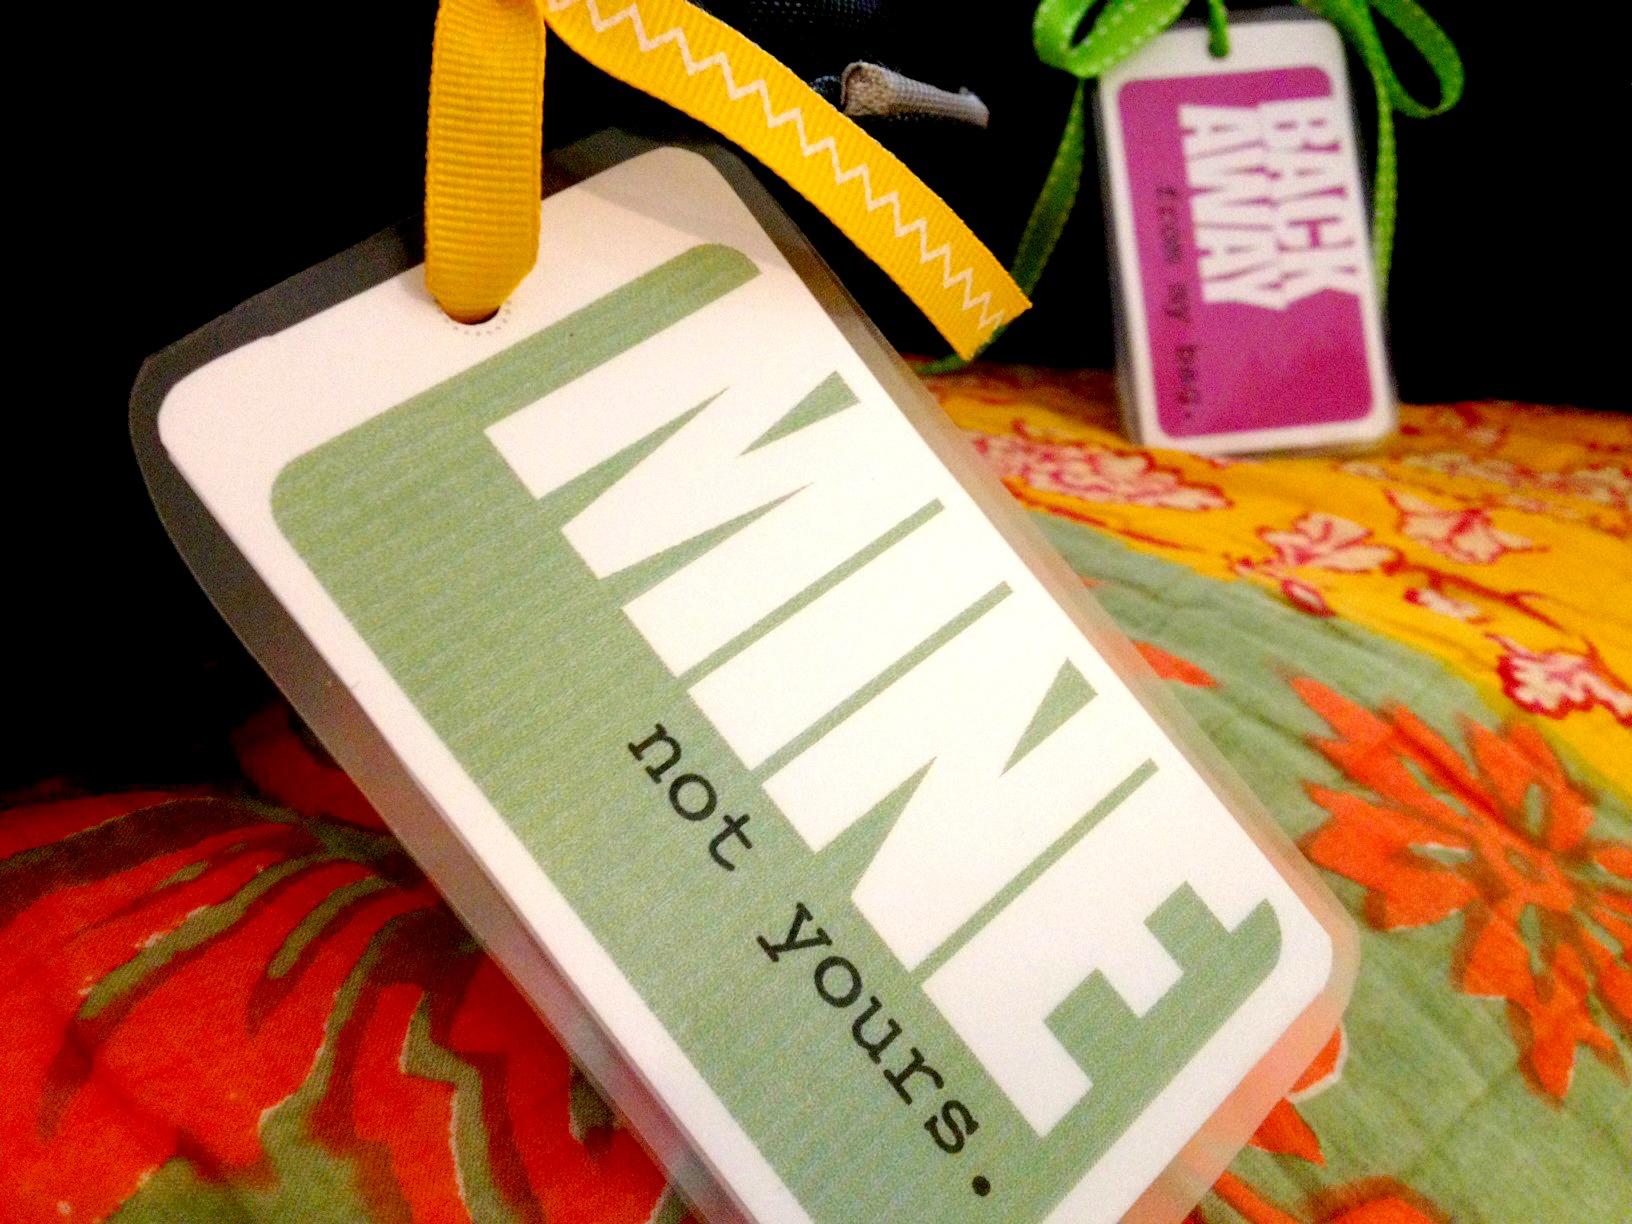 DIY Printable Luggage Tags - Travel name tag template